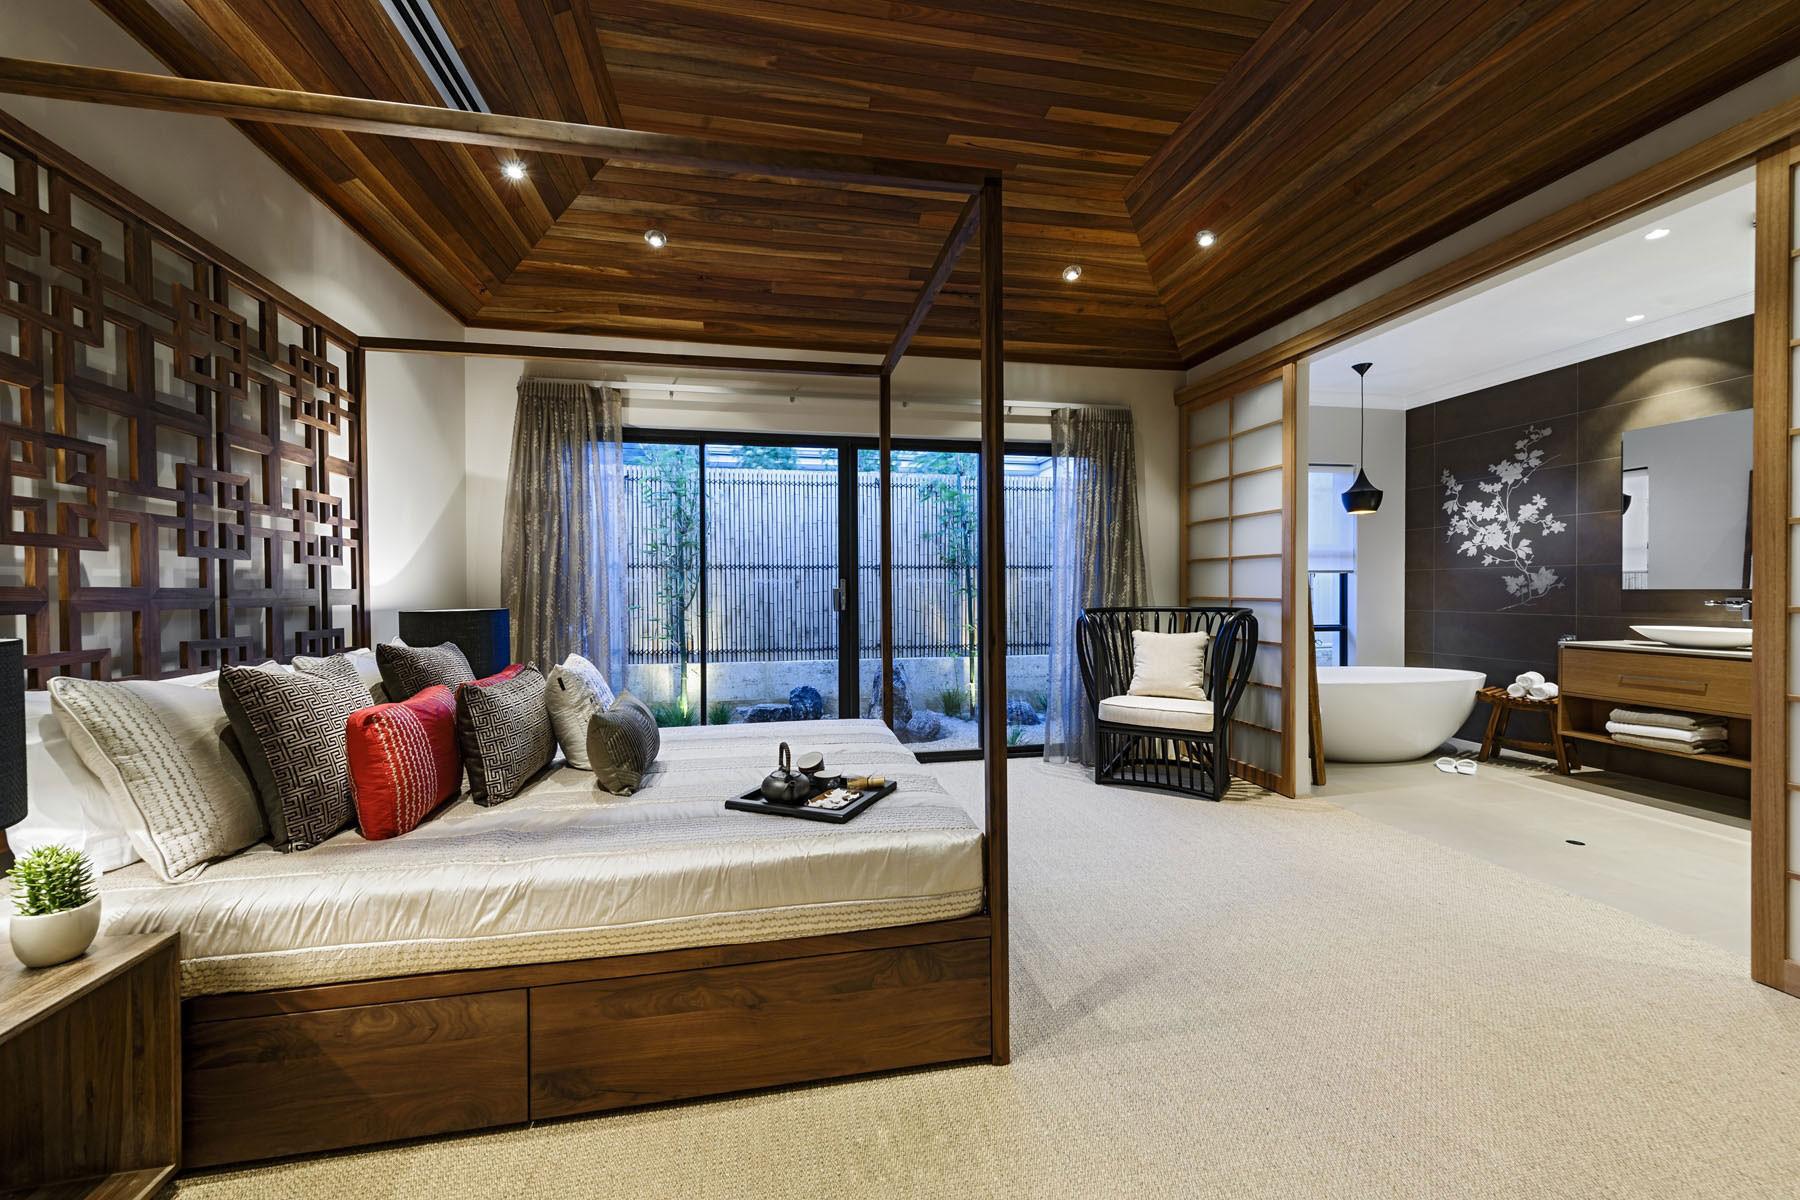 现代中式别墅装修卧室效果图